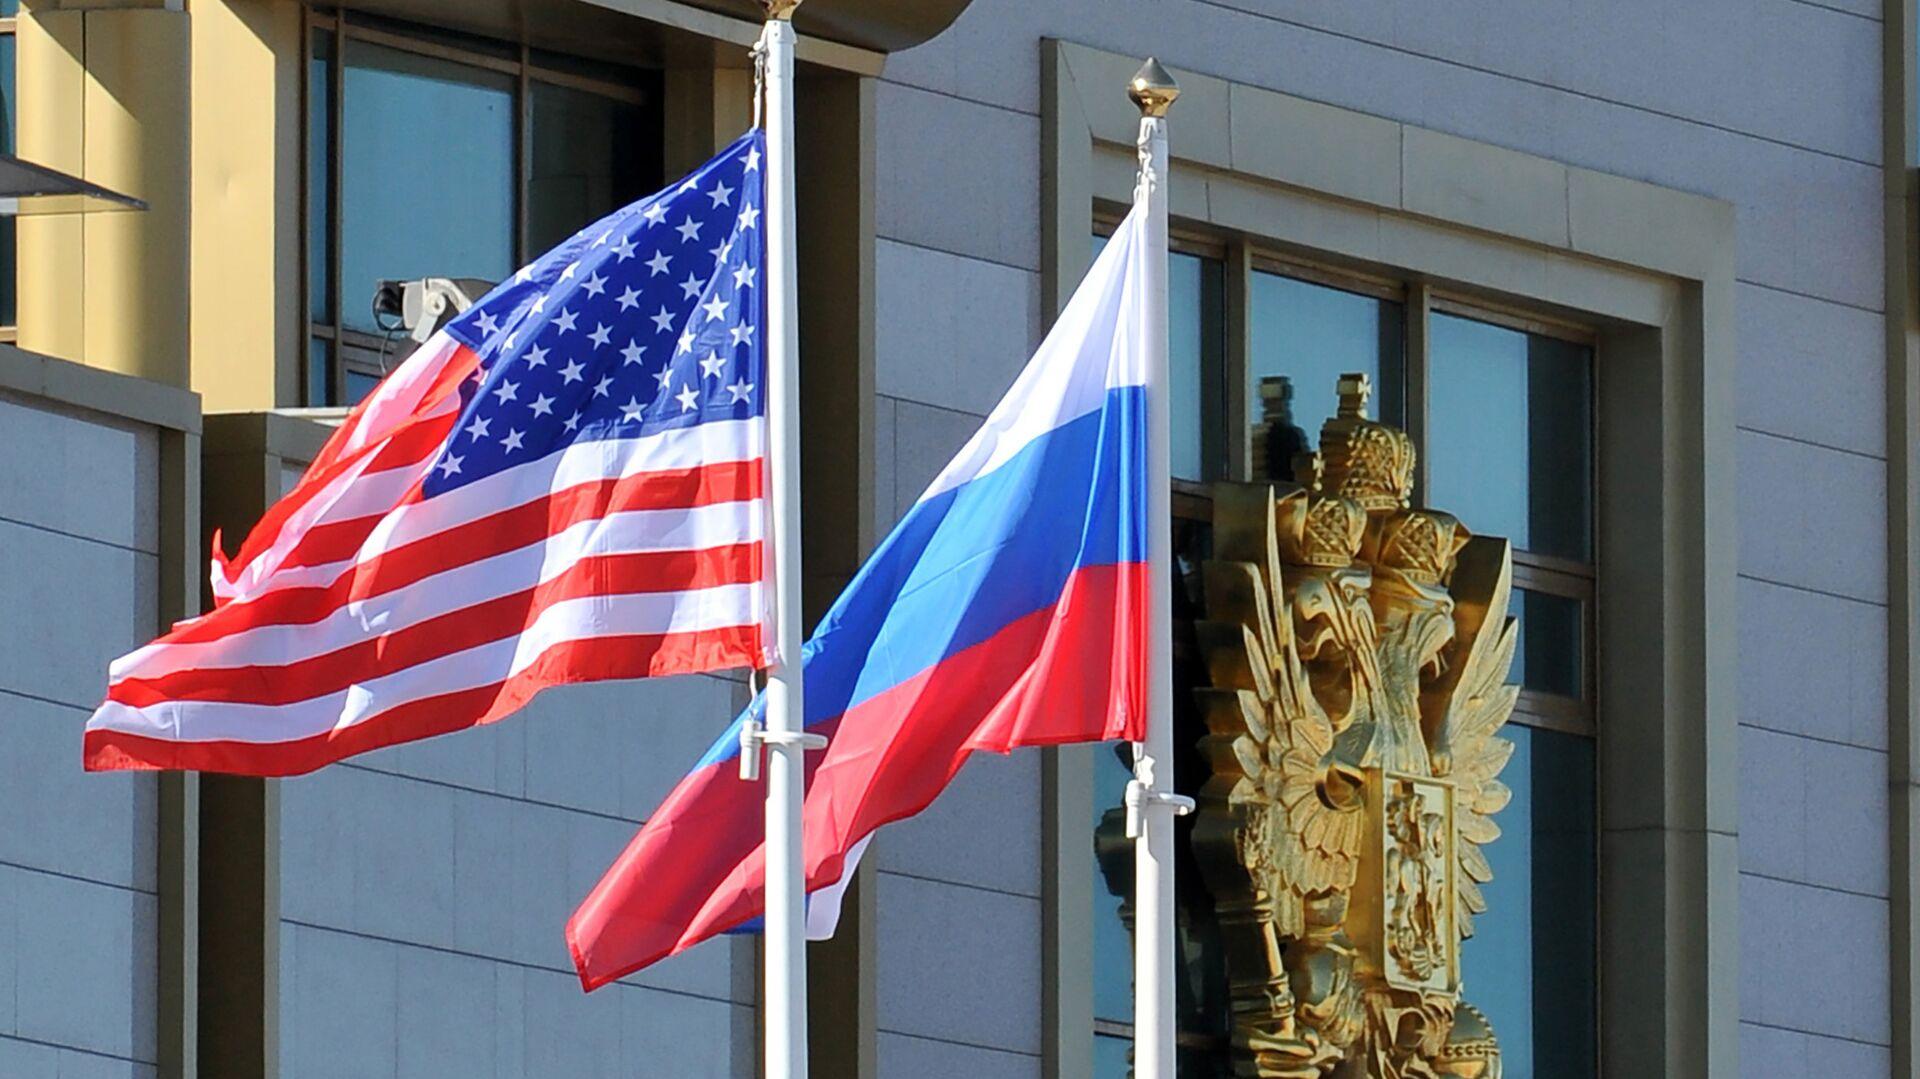 Banderas de EEUU y Rusia - Sputnik Mundo, 1920, 03.03.2021